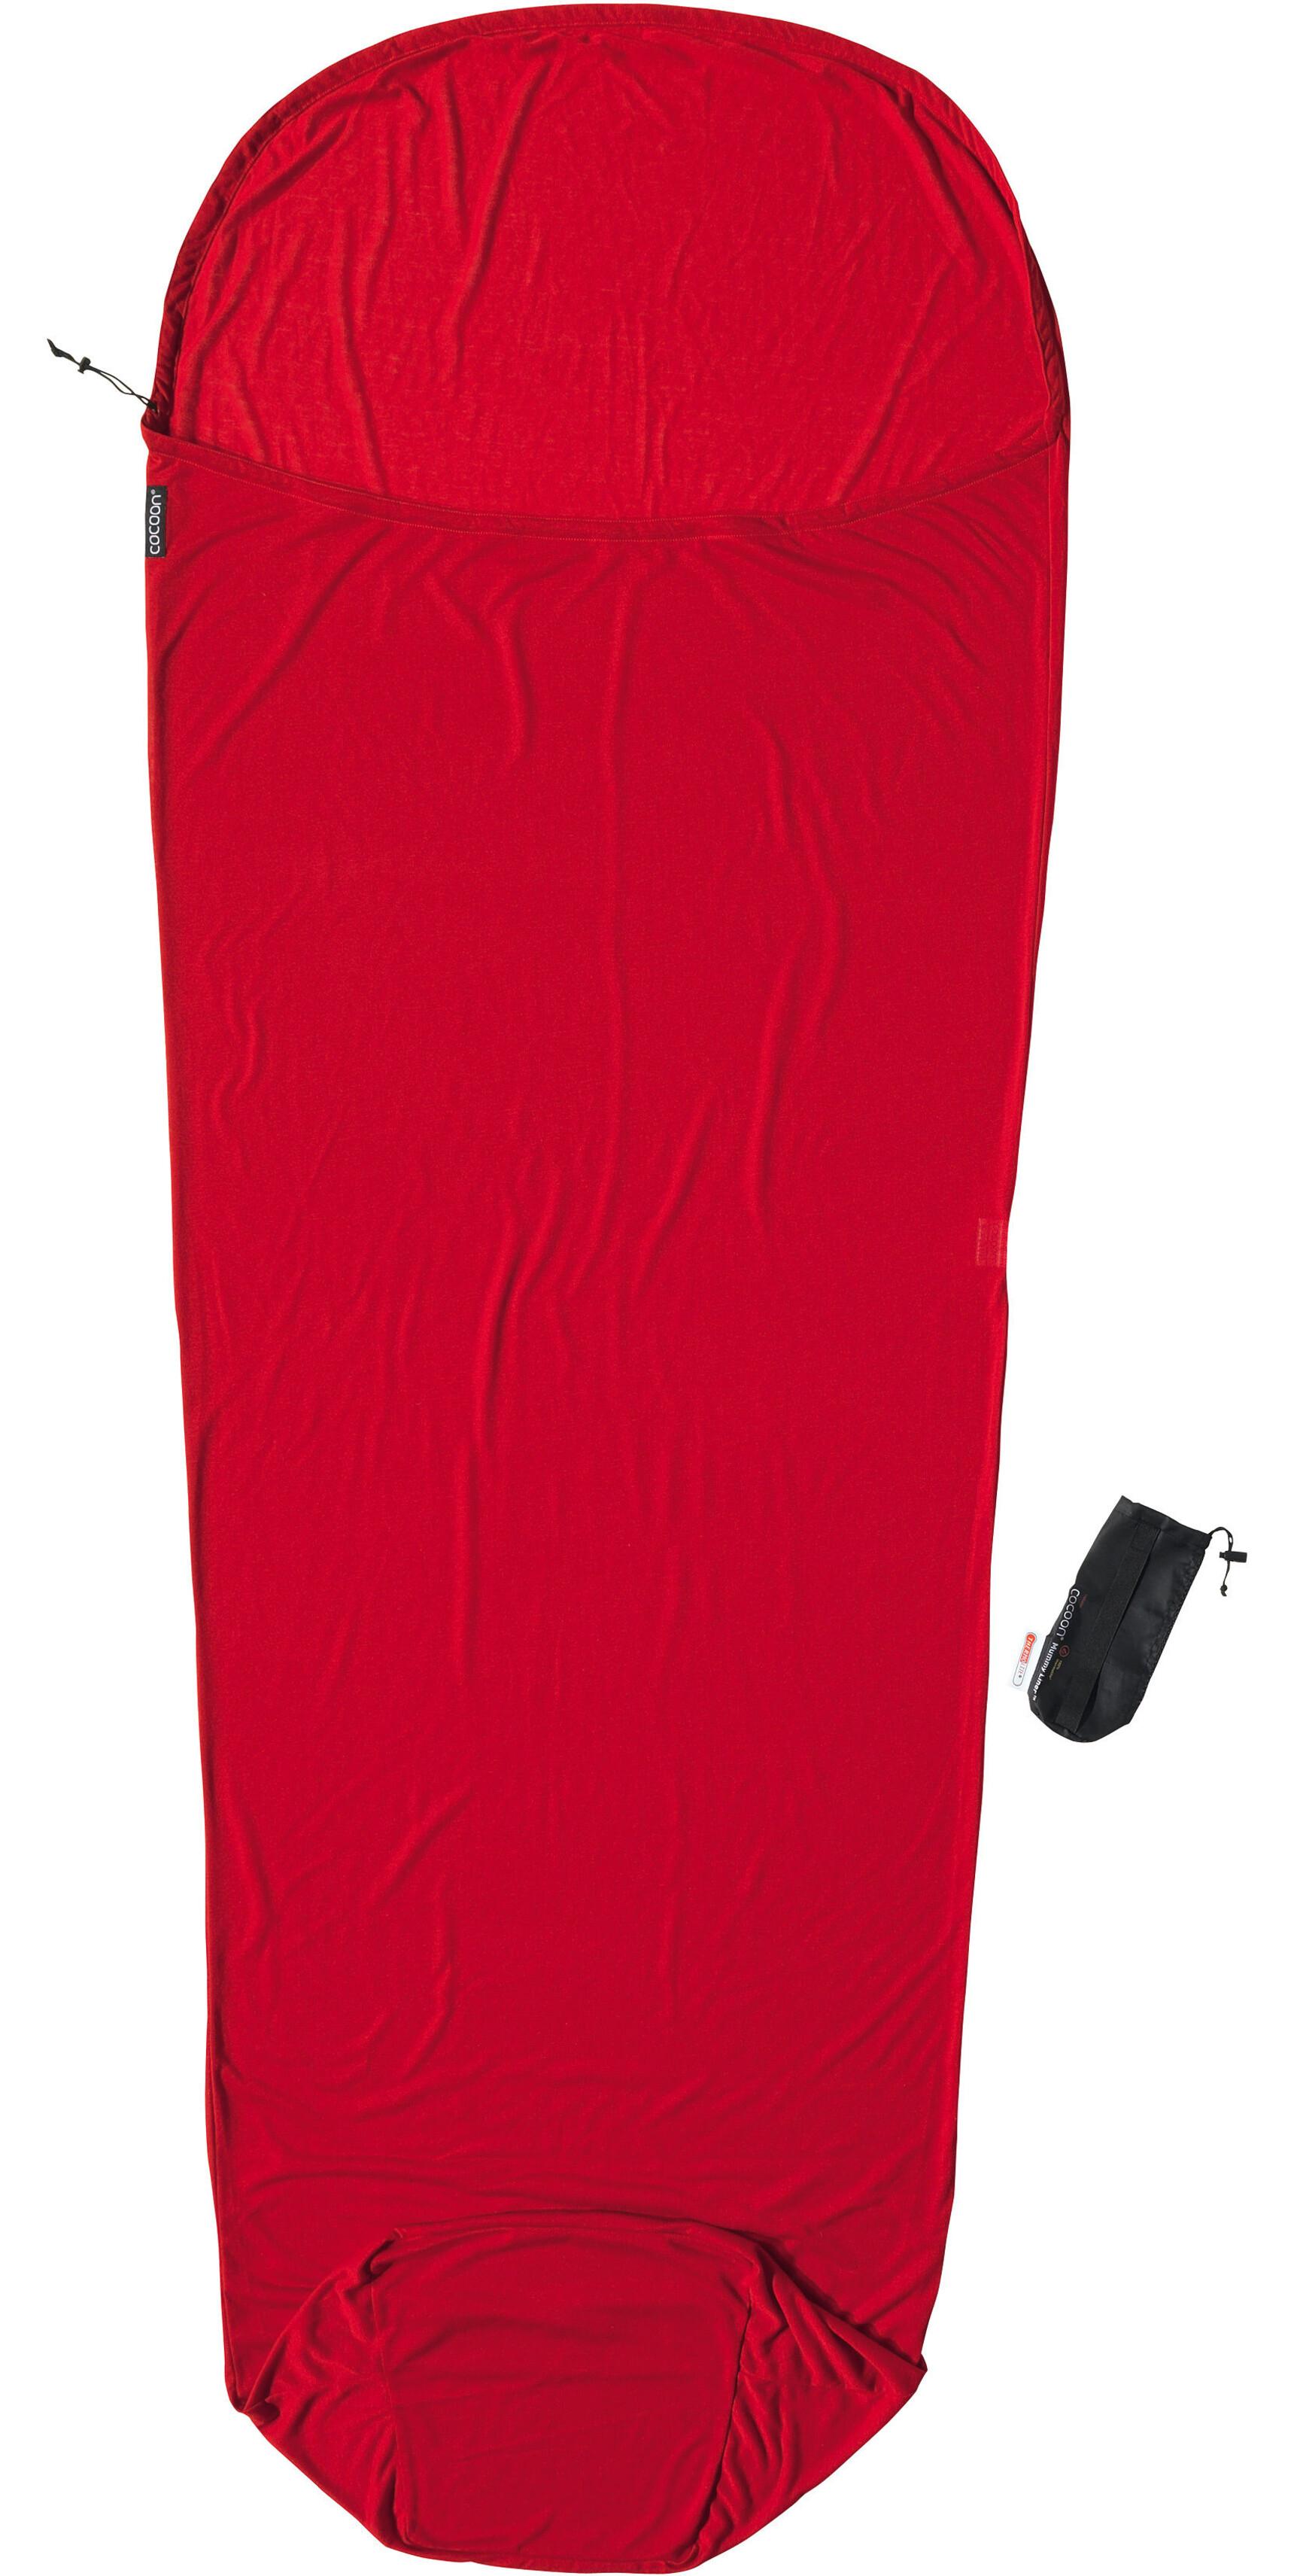 cocoon drap sac de couchage thermolite rouge boutique de v los en ligne. Black Bedroom Furniture Sets. Home Design Ideas